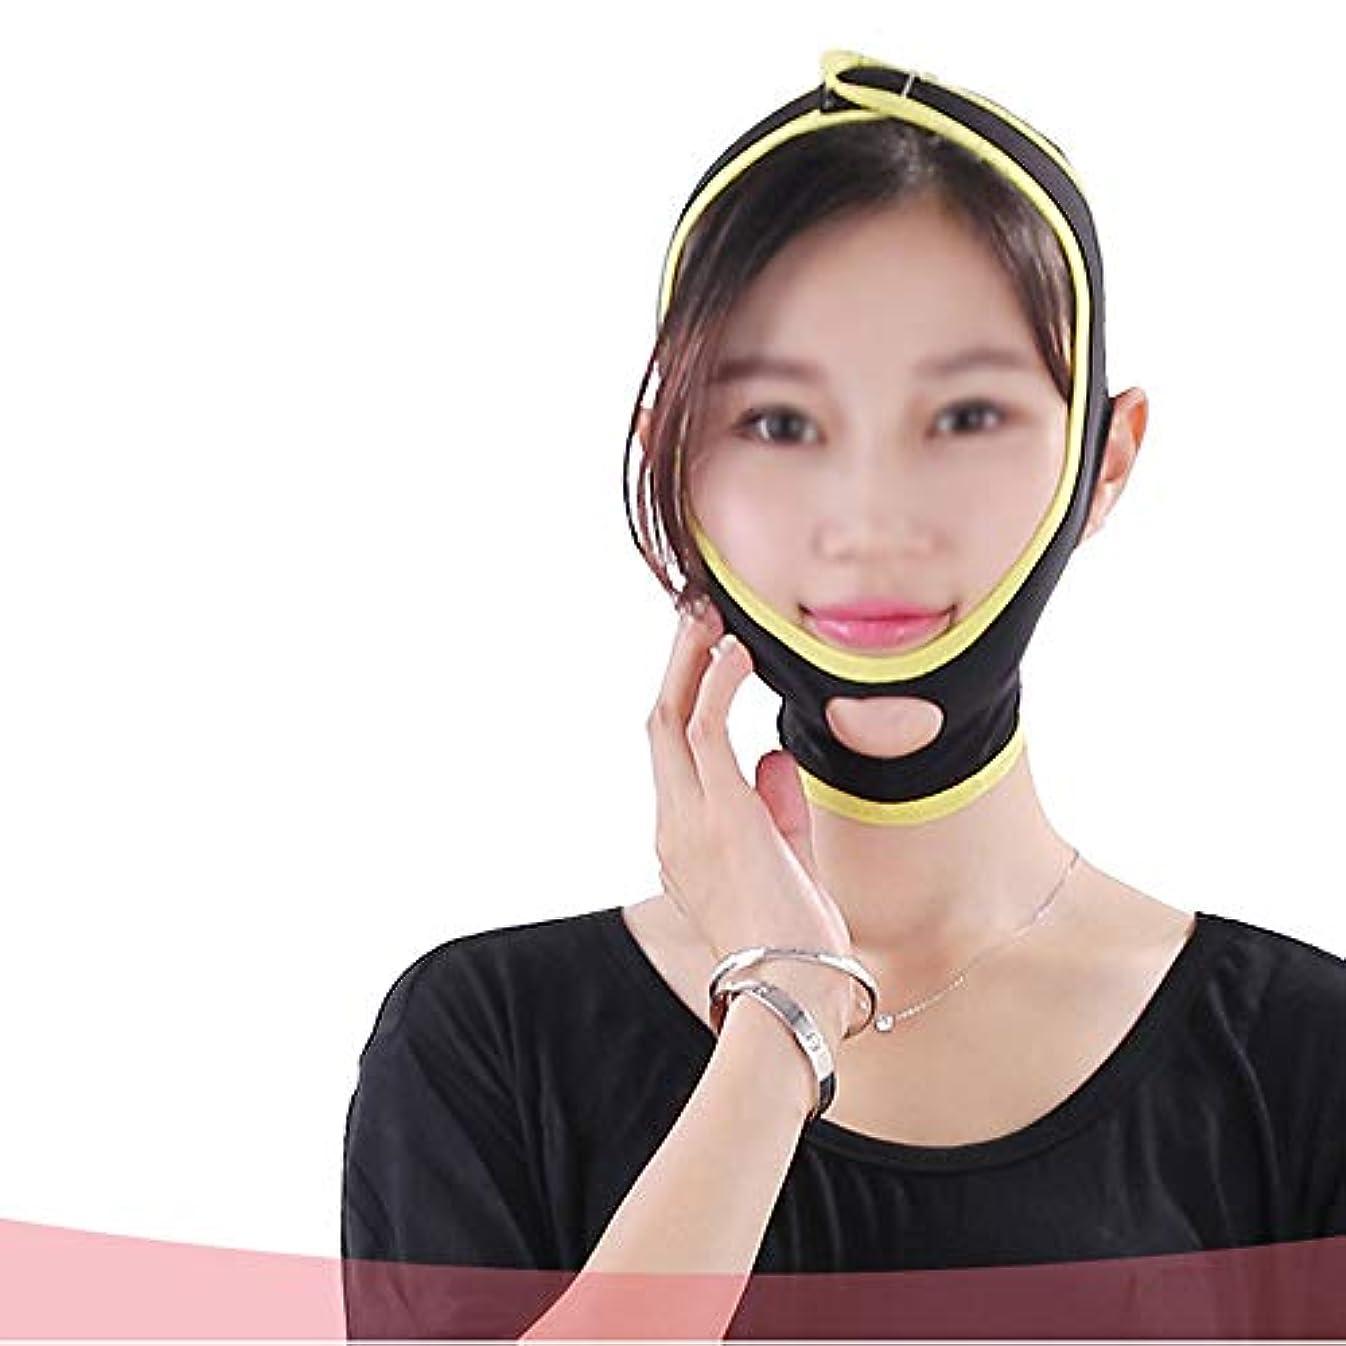 イタリックむさぼり食う緊張する通気性の睡眠のマスク、薄い顔の包帯の小さい表面Vの顔薄い顔の顔 (Color : M)